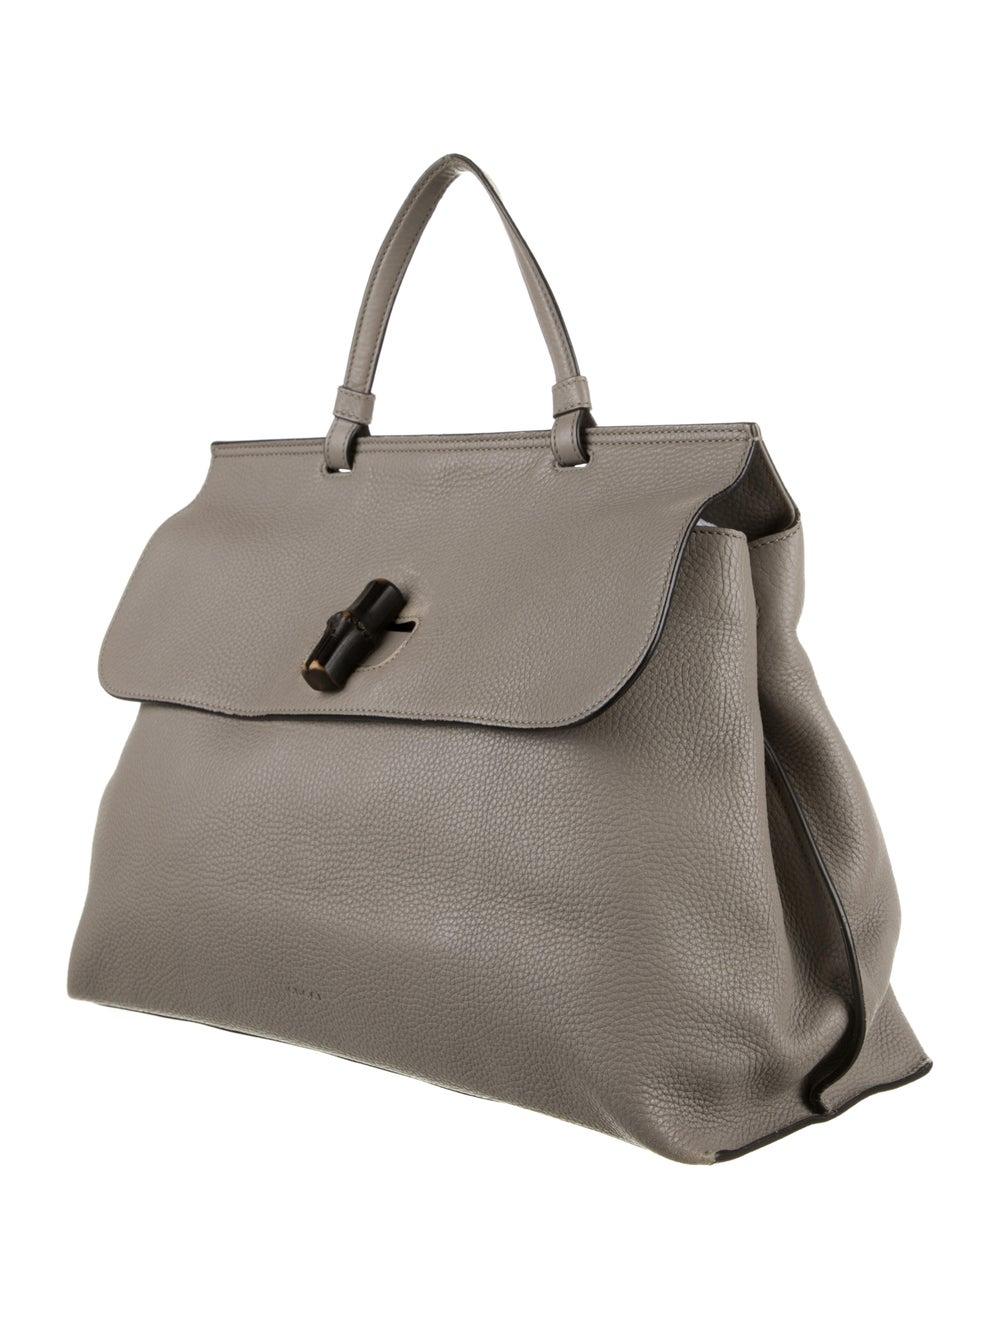 Gucci Large Daily Bamboo Handle Bag Grey - image 3